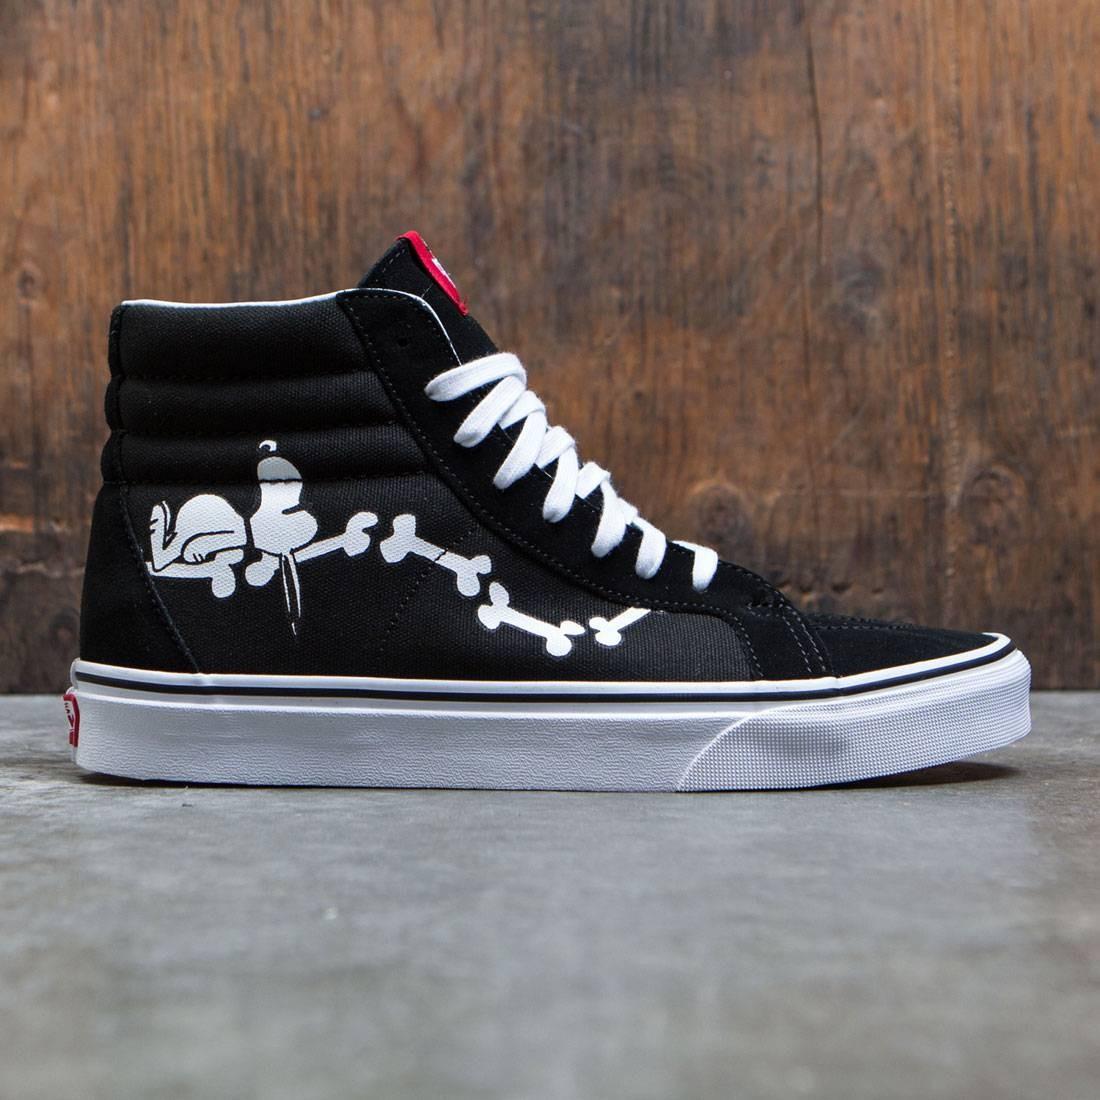 39677d7c84a9 Vans x Peanuts Men SK8-Hi Reissue - Snoopy Bones black